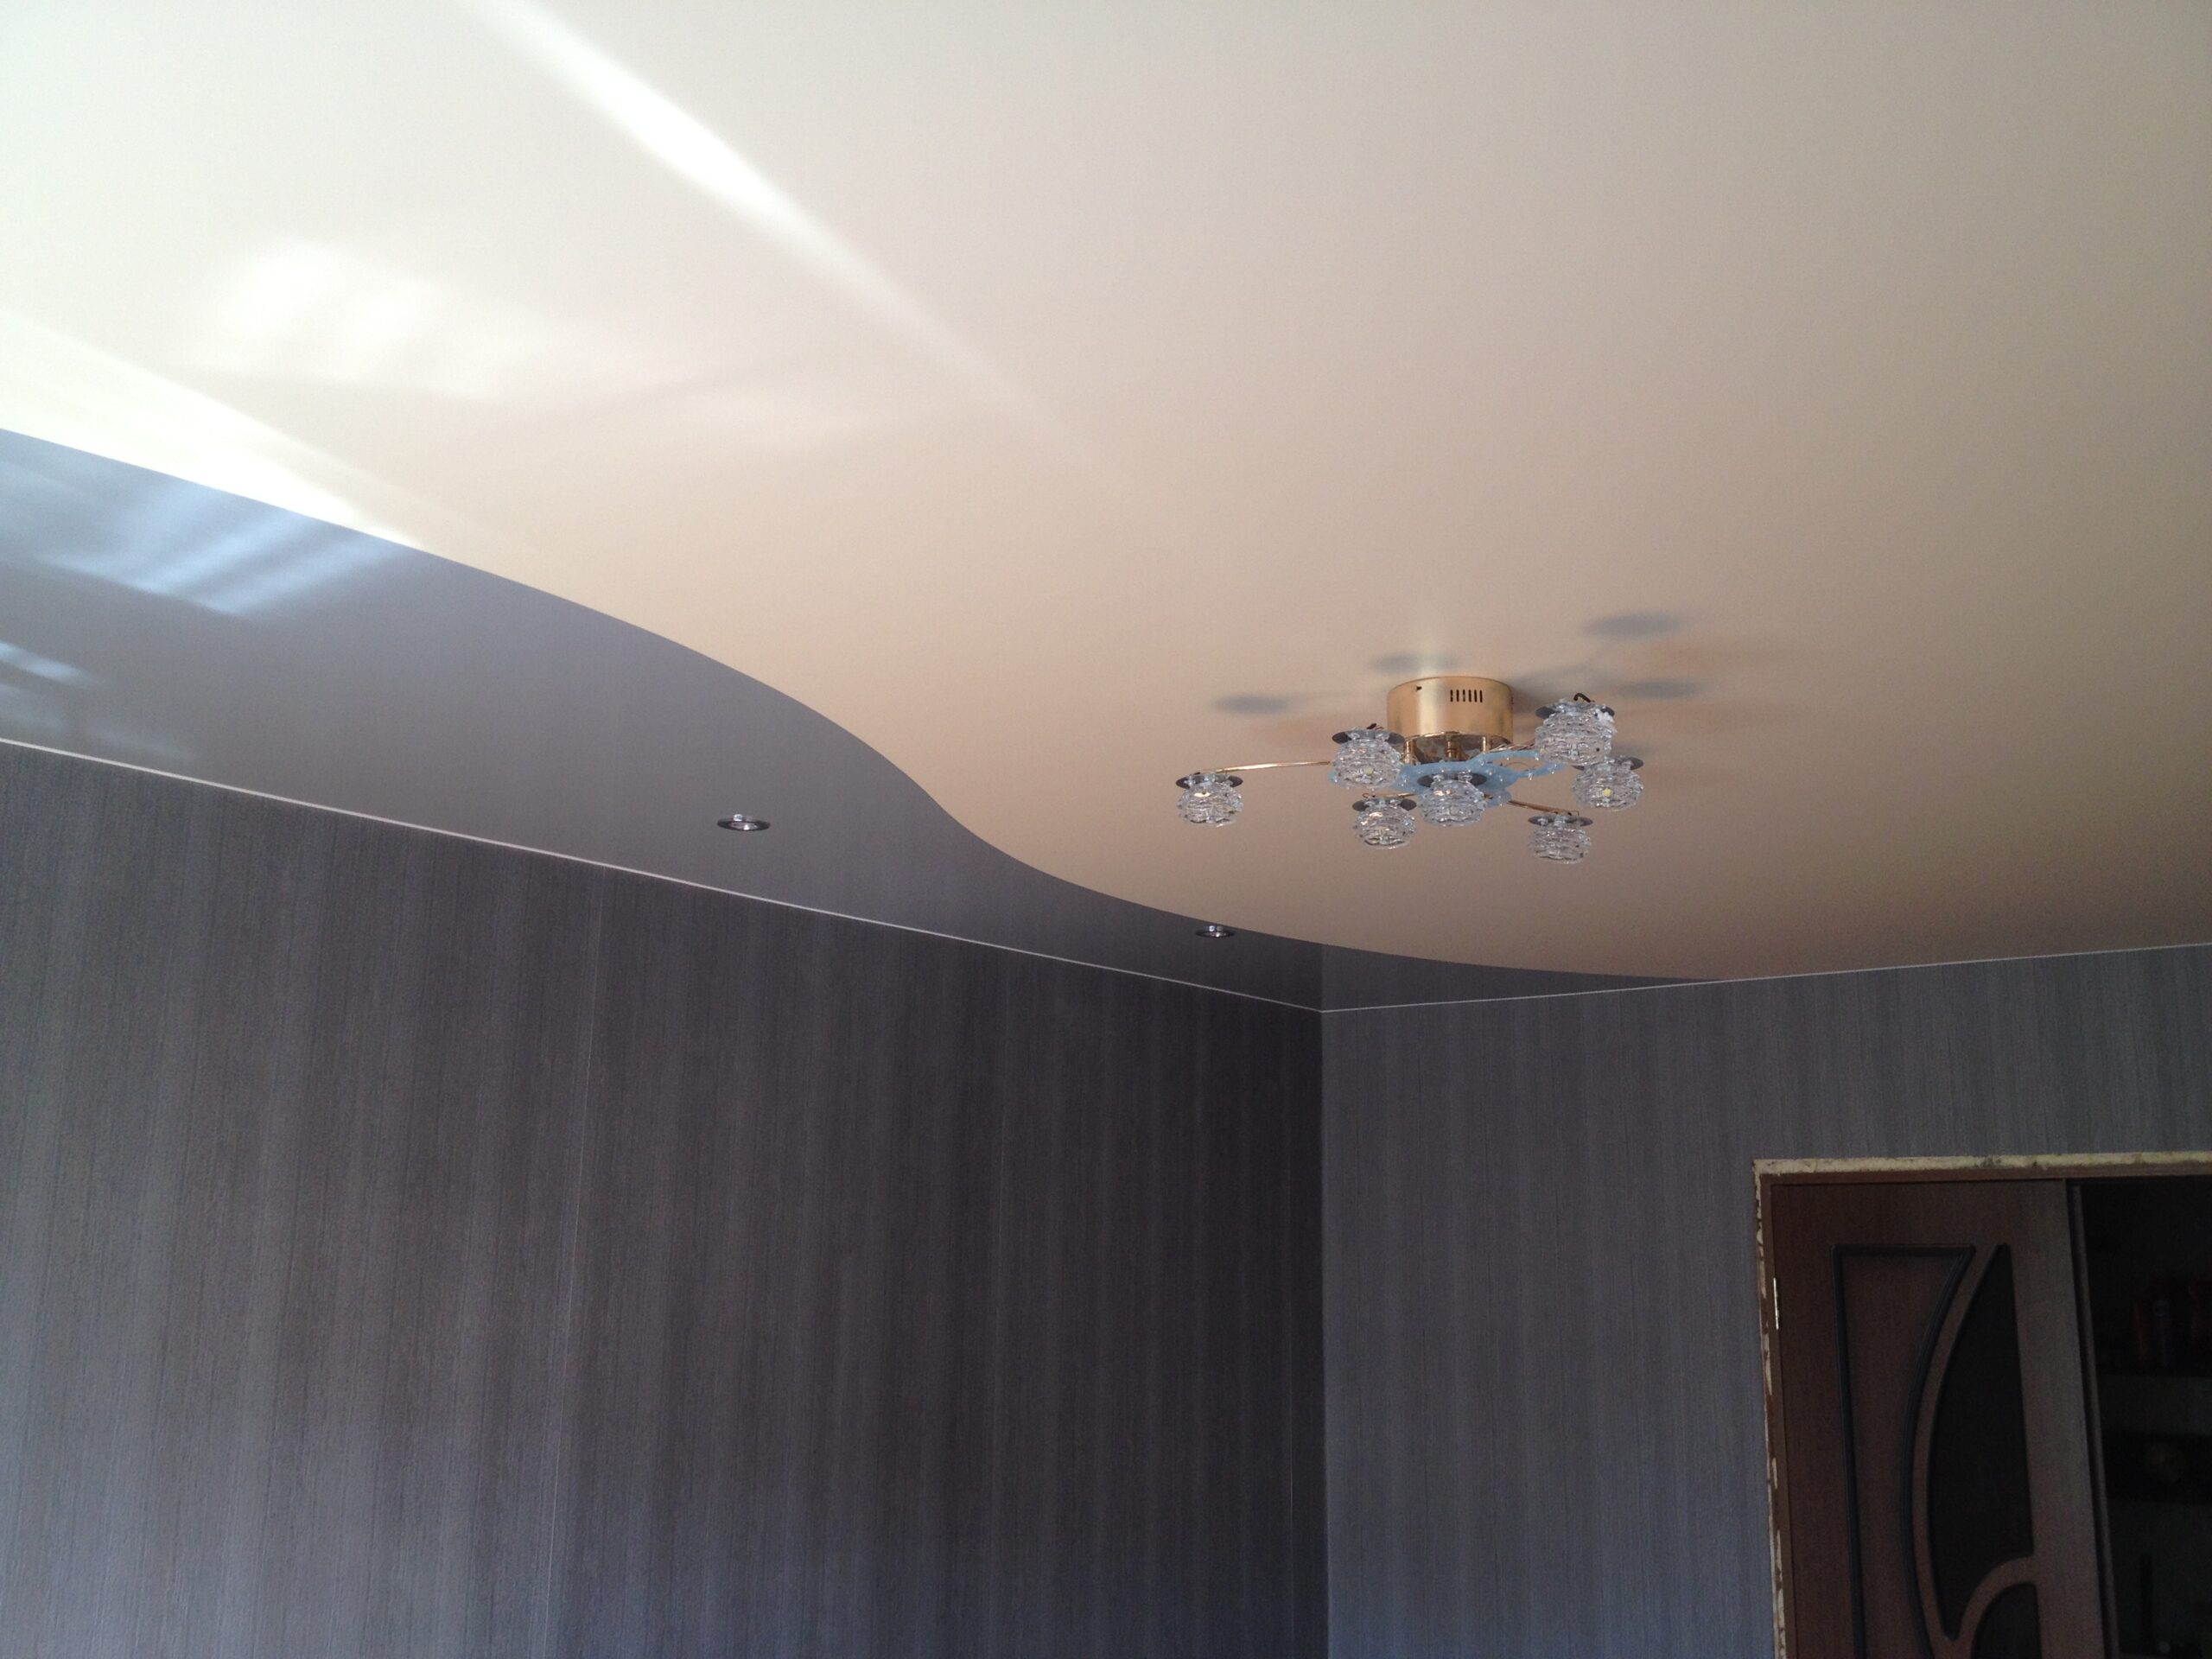 Криволинейный потолок разных фактур и цветов с установкой потолочной люстры и точечных светильников